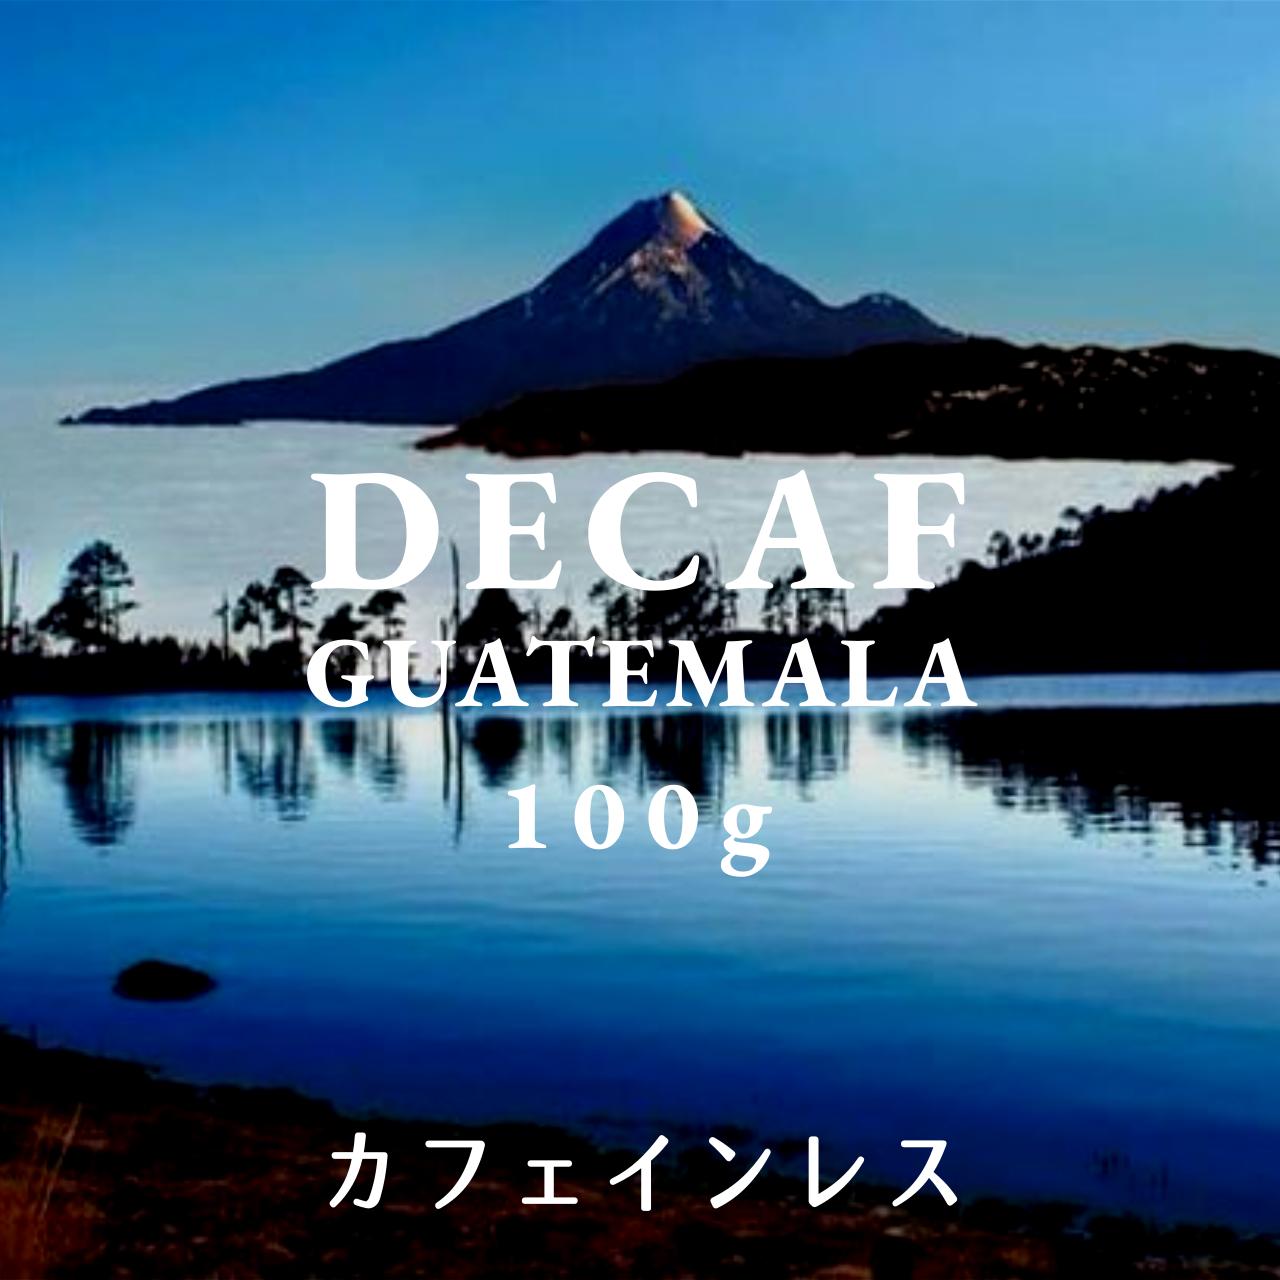 DECAF|GUATEMALA|カフェインレスコーヒー豆 100g